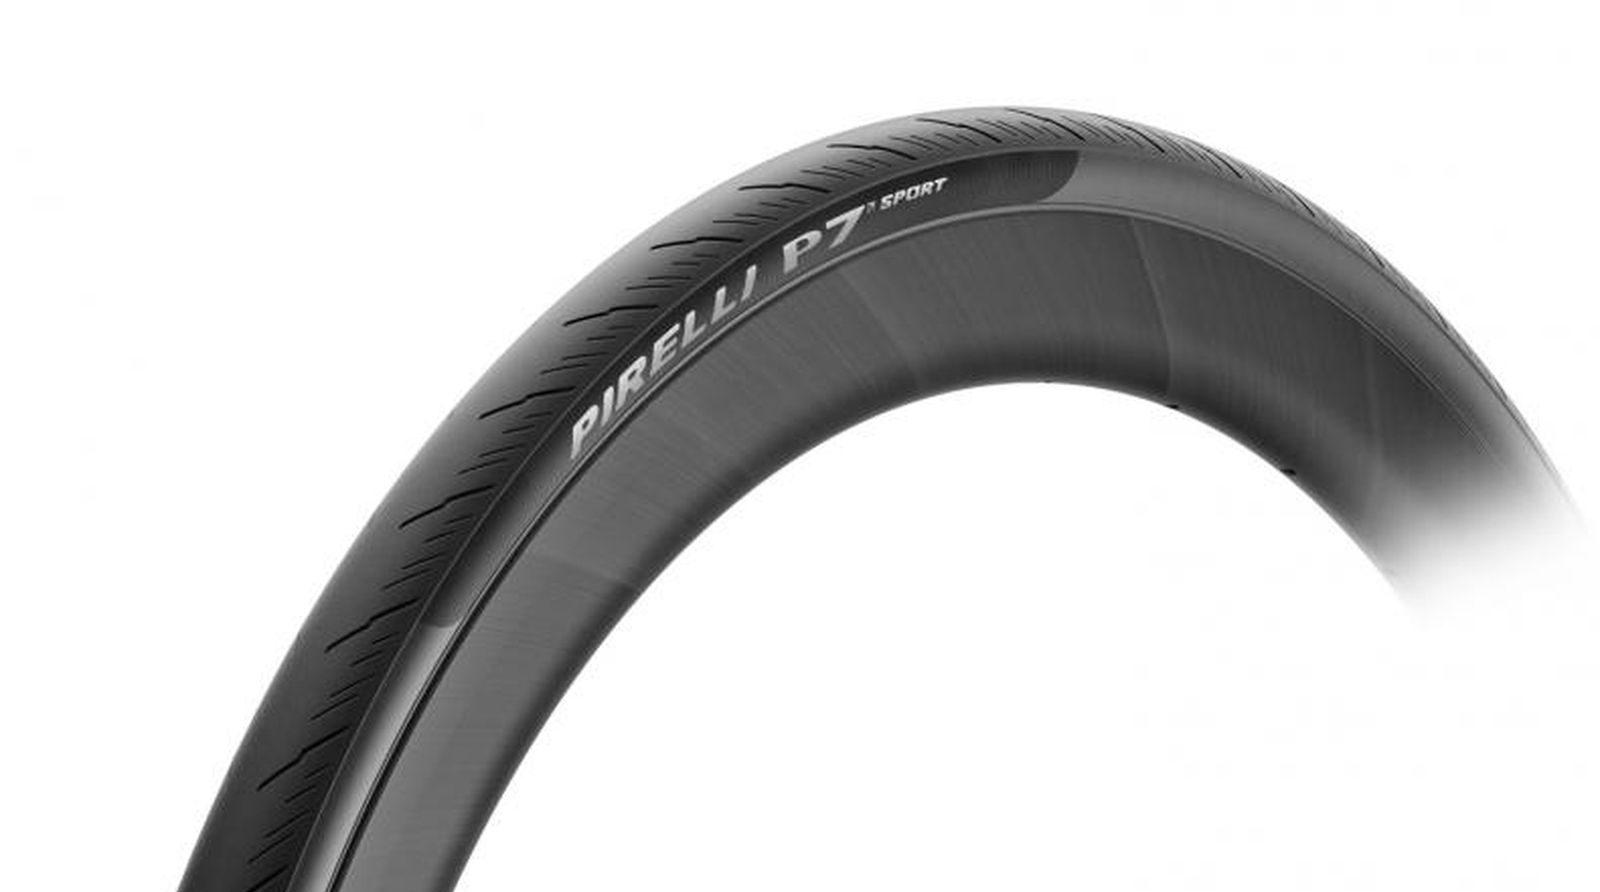 pirelli p7 sport best road bike tires